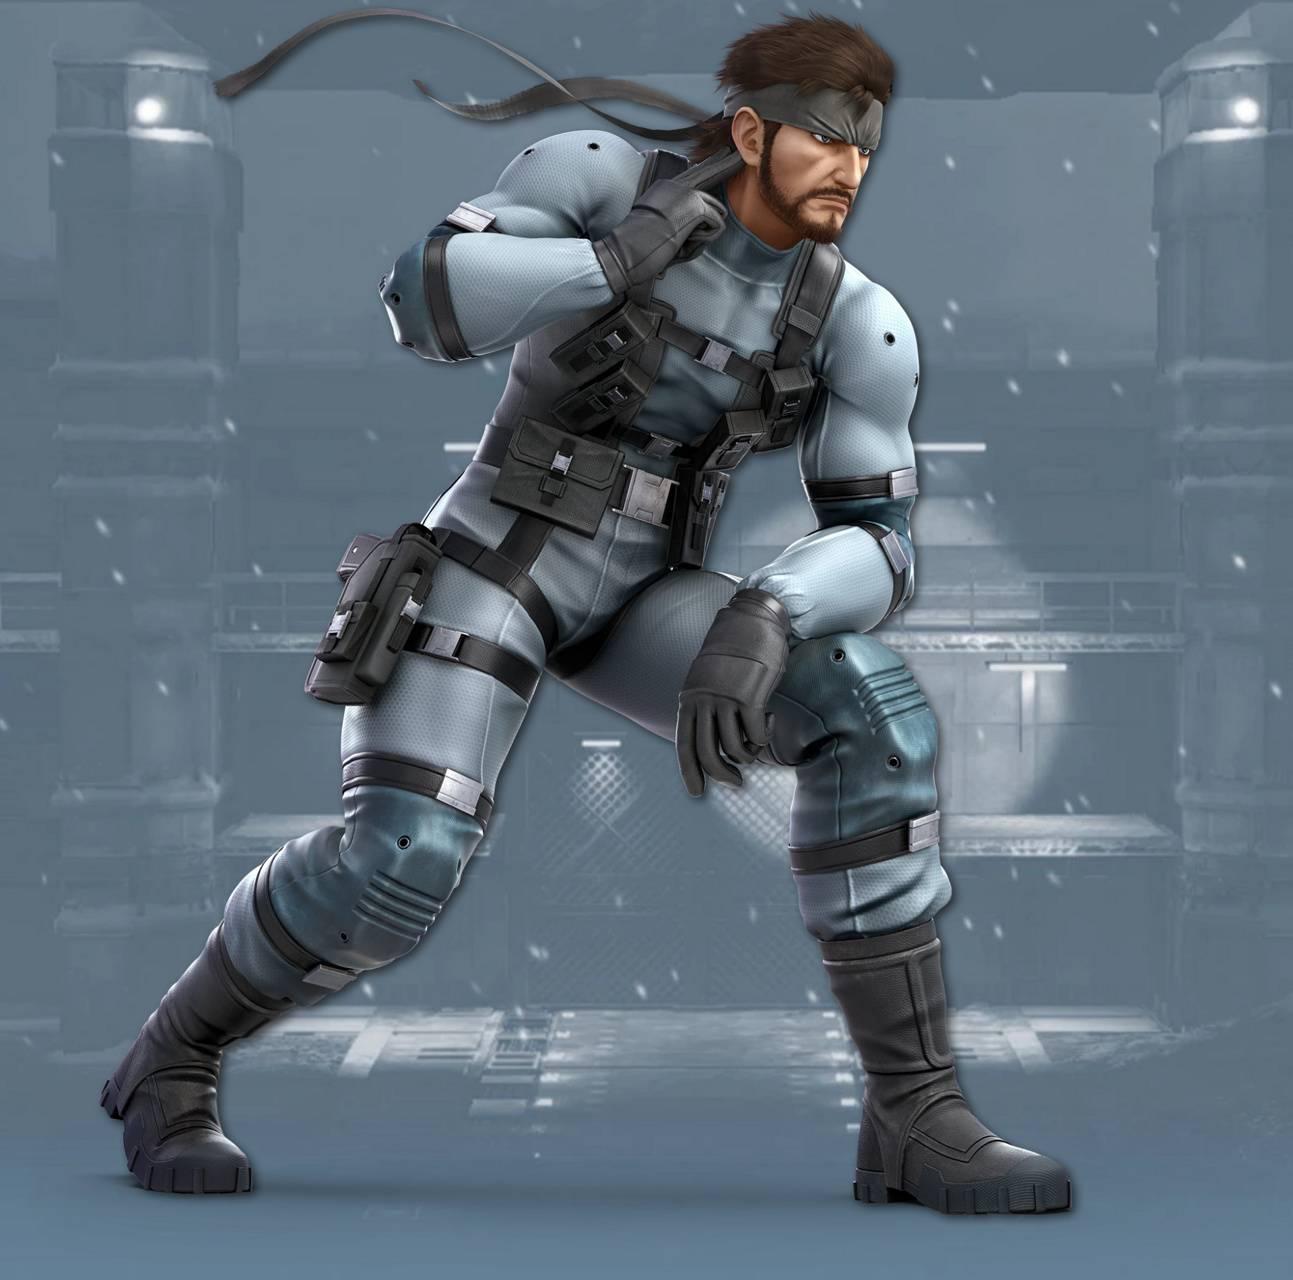 Snake Smash Bros